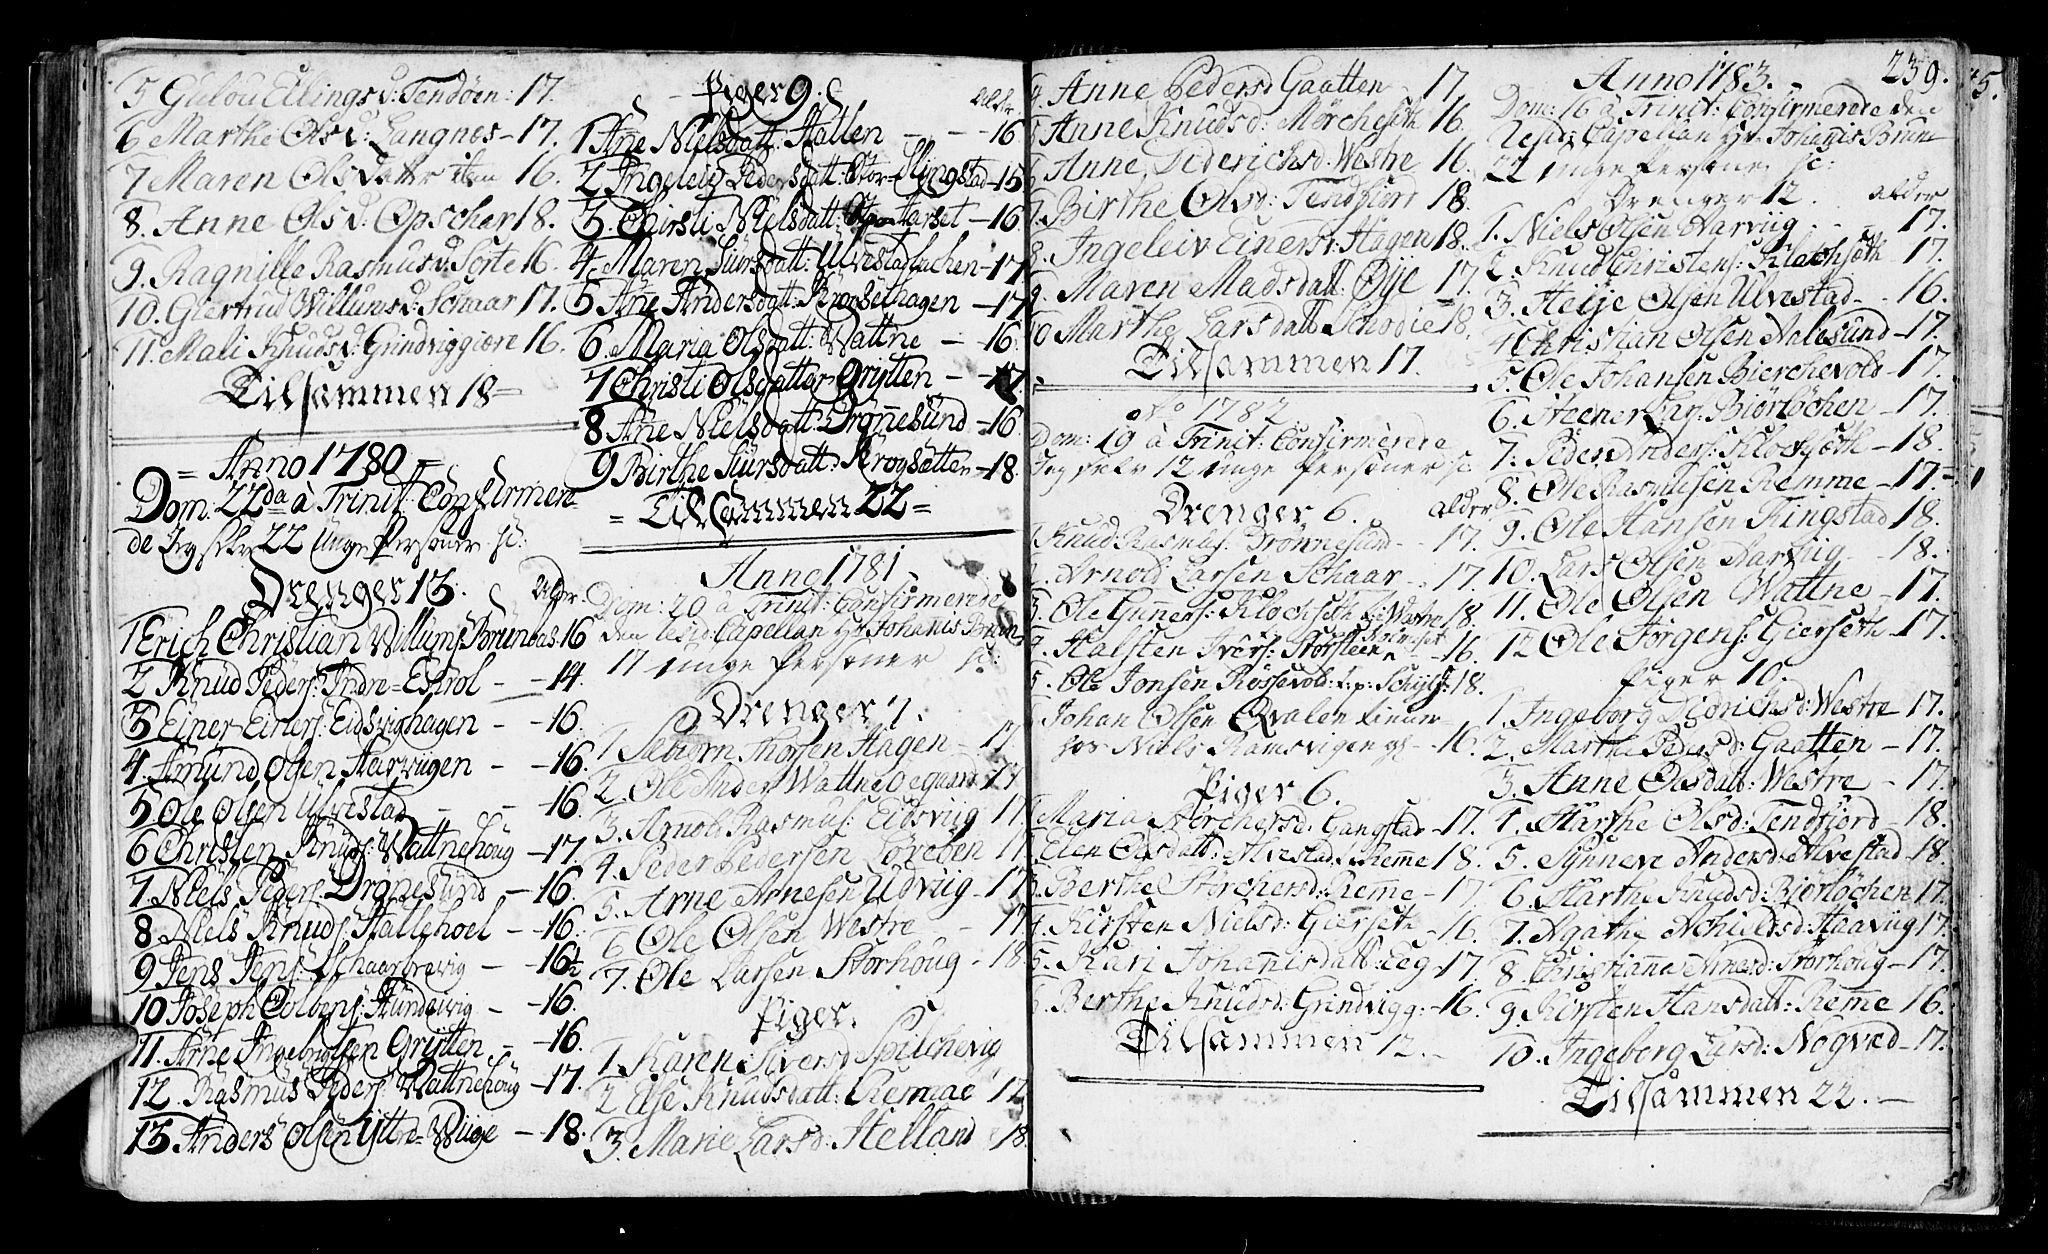 SAT, Ministerialprotokoller, klokkerbøker og fødselsregistre - Møre og Romsdal, 525/L0372: Ministerialbok nr. 525A02, 1778-1817, s. 239